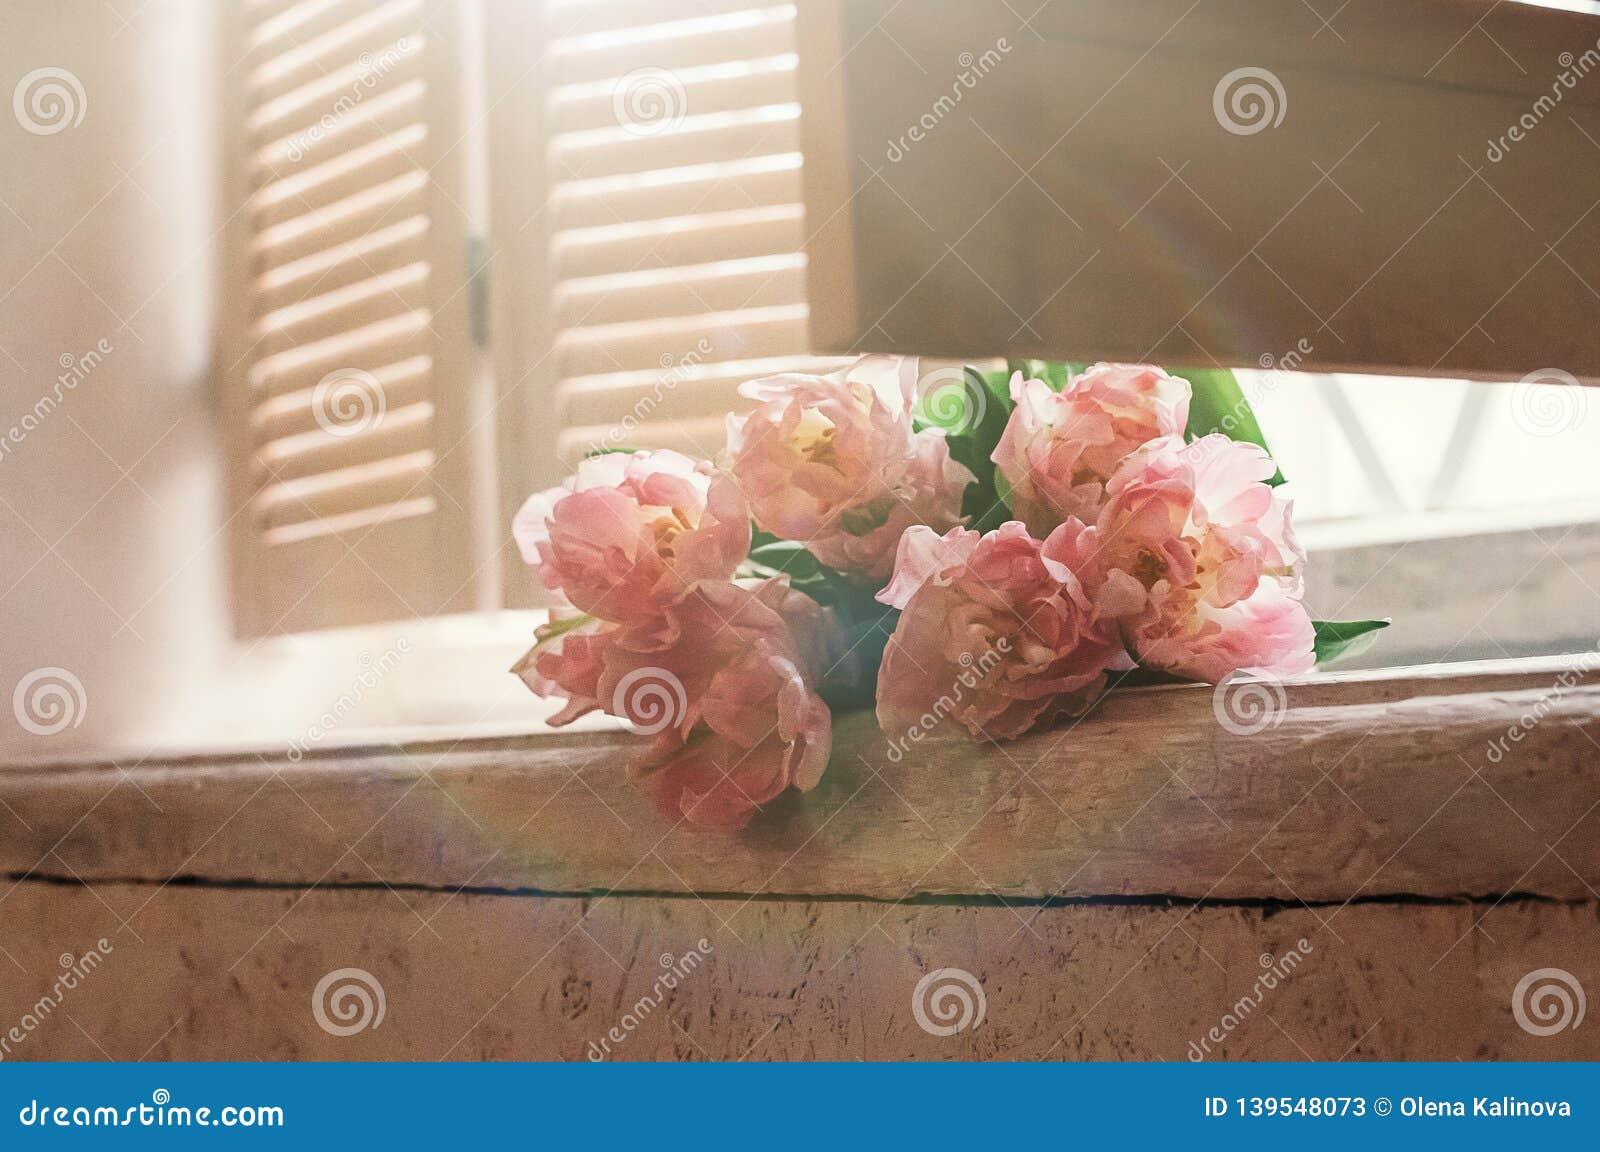 Le Doux A Concentré Les Fleurs Roses Sur Le Filon Couche De Fenêtre